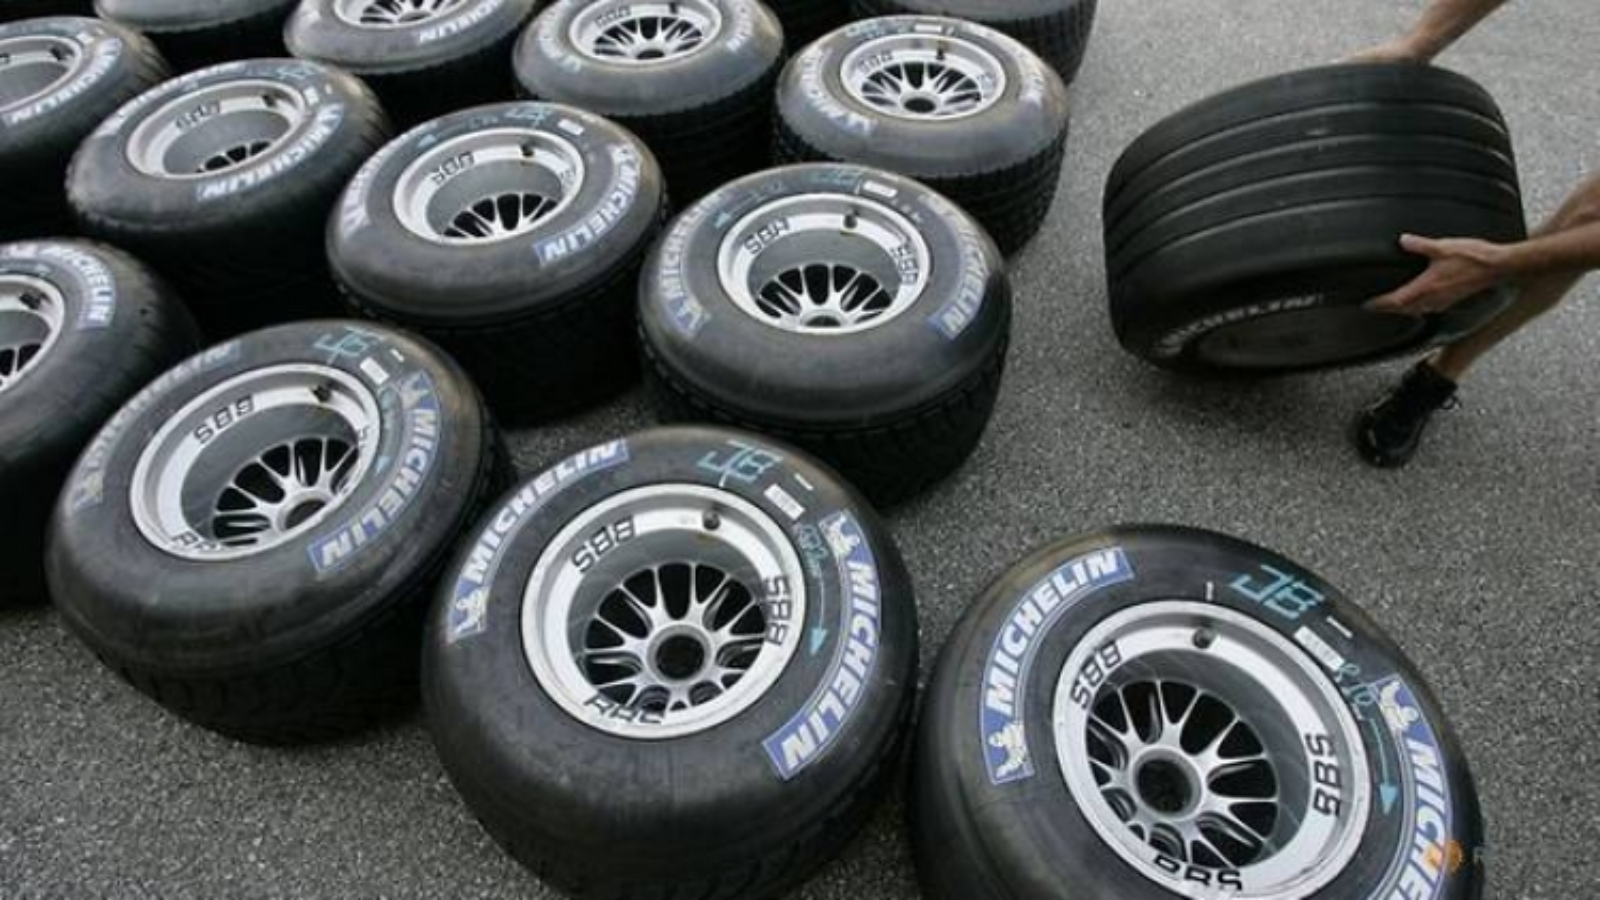 Mỹ áp thuế chống phá giá mặt hàng lốp xe đối với 4 quốc gia và vùng lãnh thổ